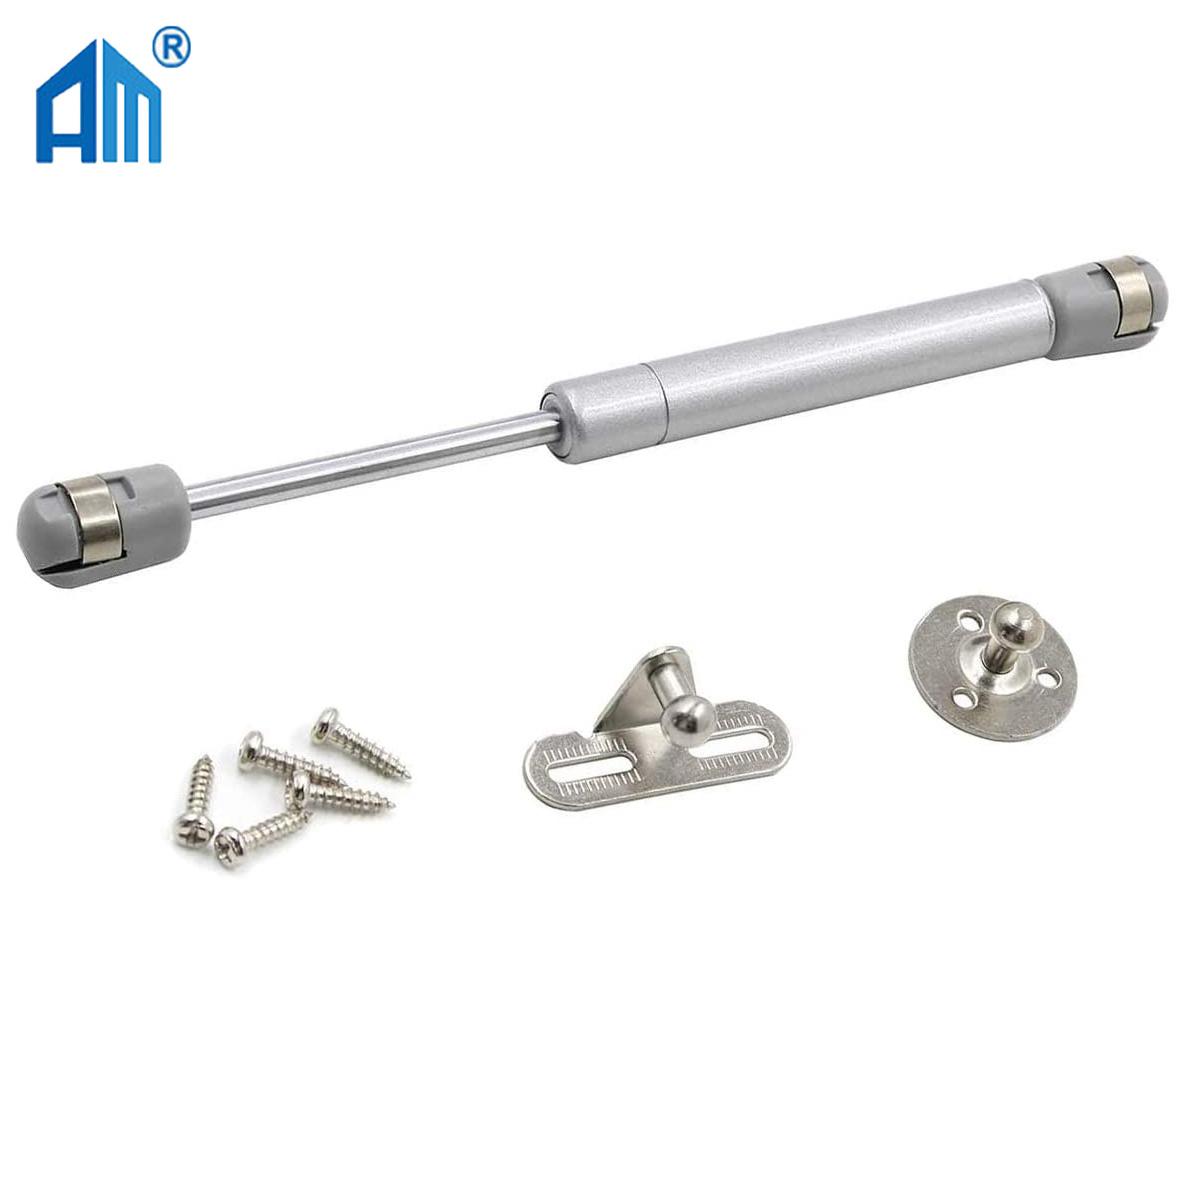 OEM индивидуальная стойка для двери шкафа, подъемная крышка, поддерживающий клапан, демпфер, газовая пружина